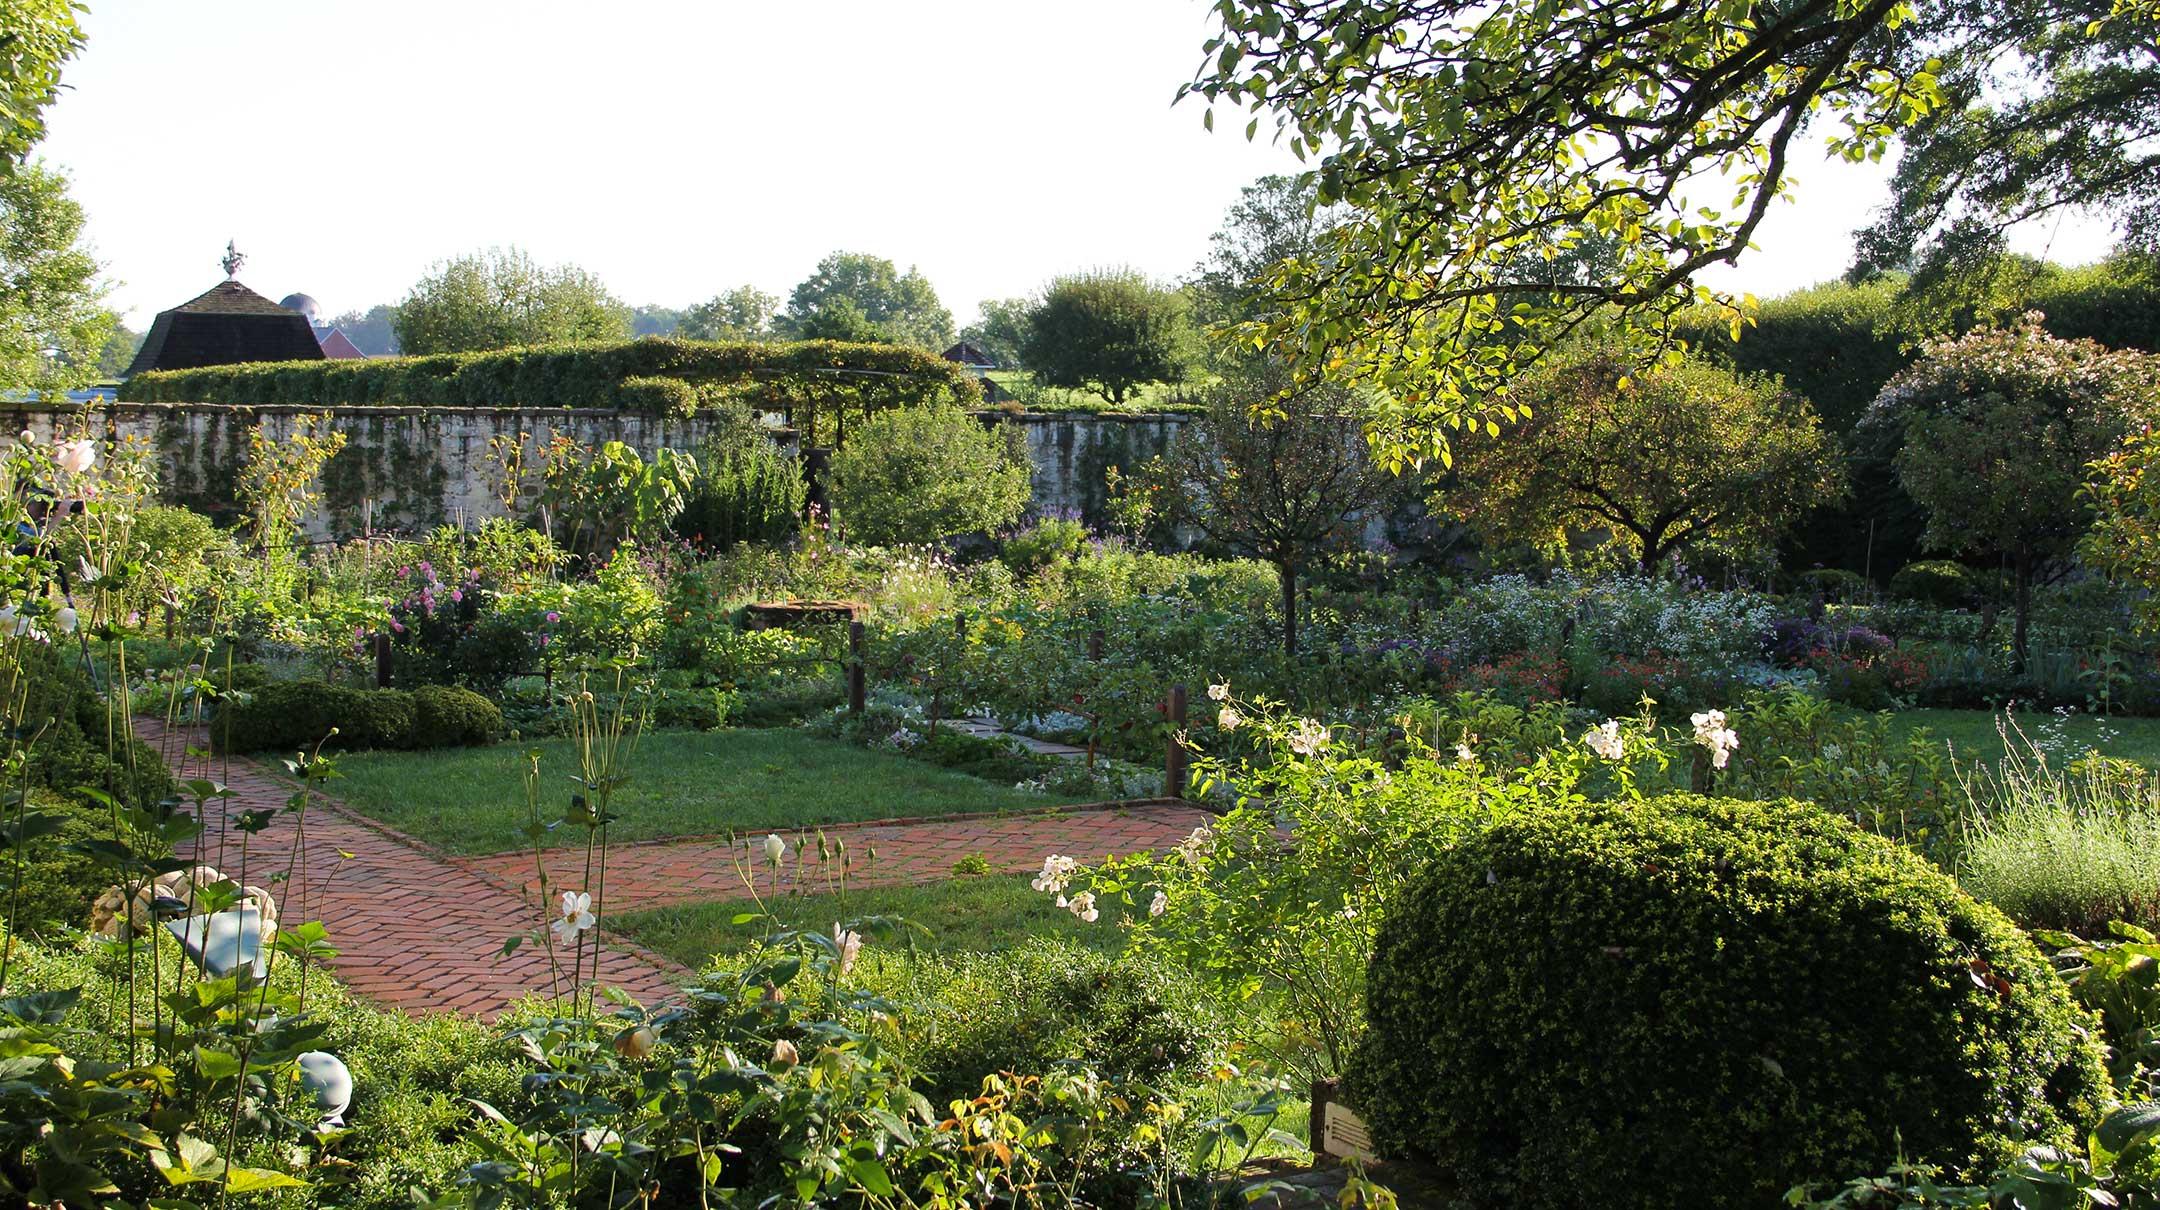 Morning in the garden at the Oak Spring Garden estate in Virginia.  © Oak Spring Garden Foundation